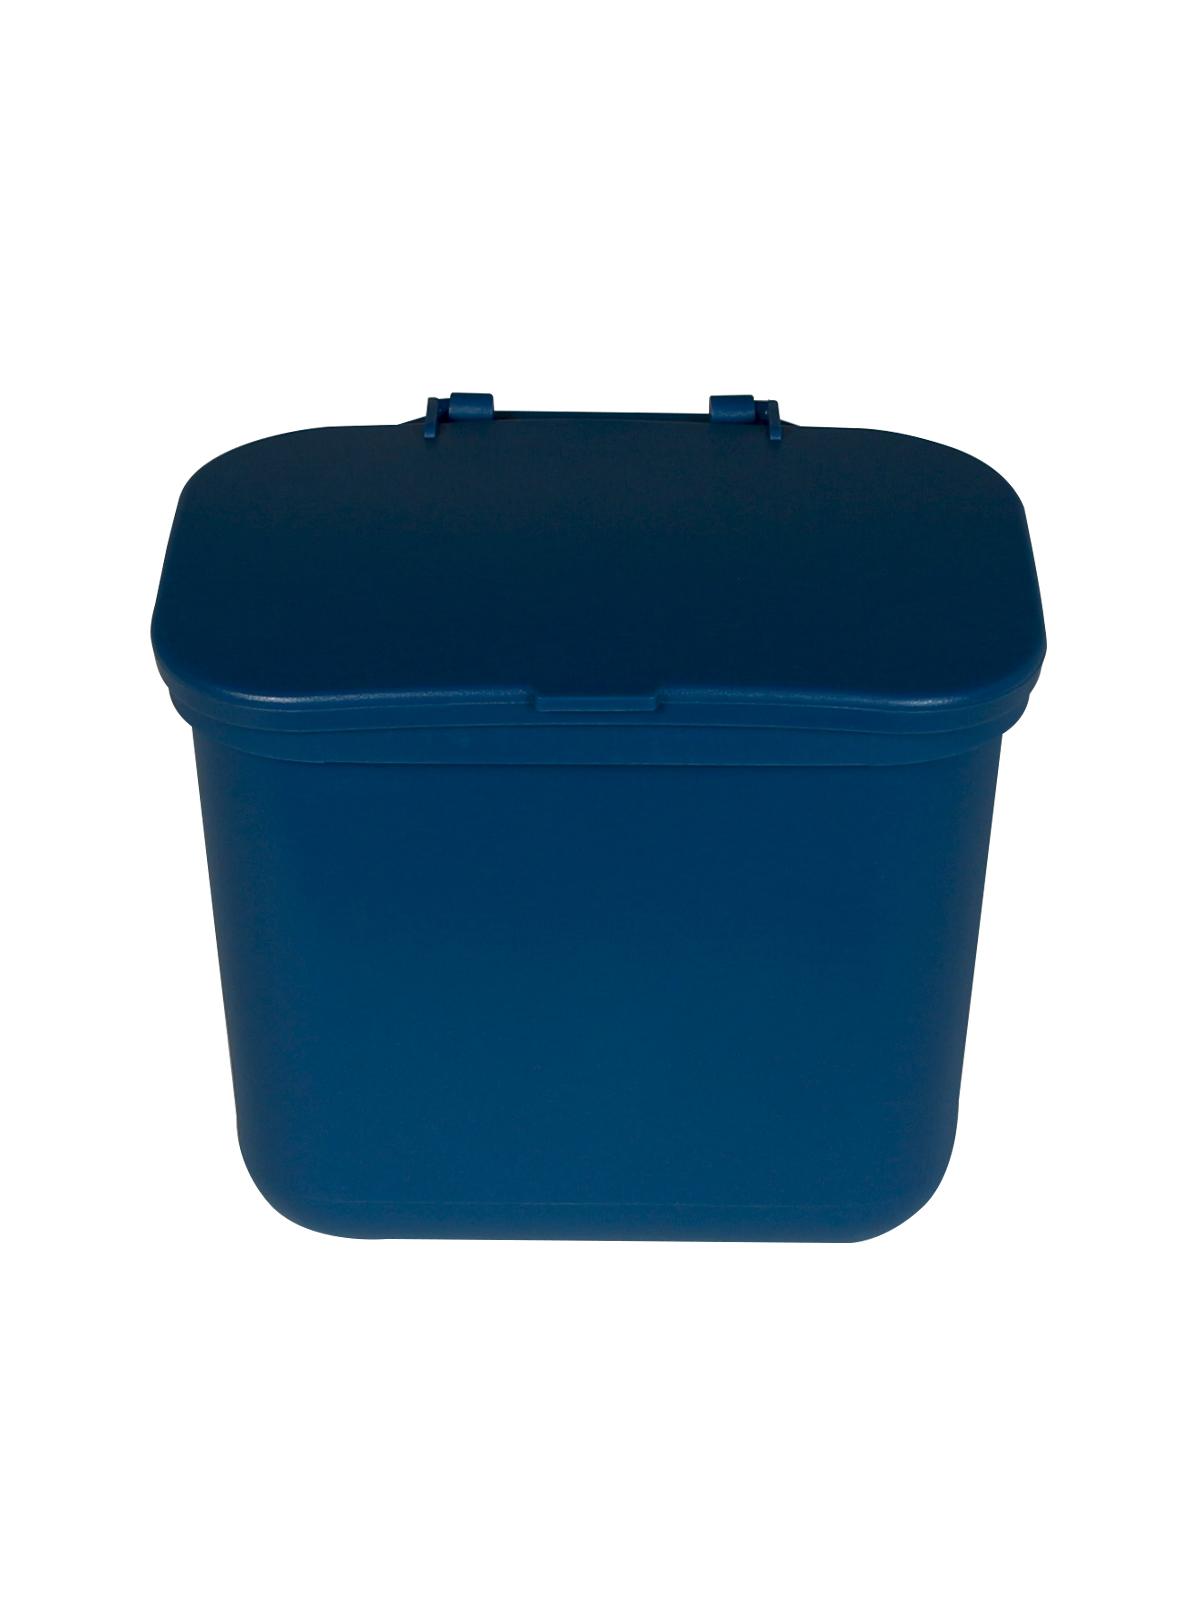 HANGING WASTE BASKET - Single - Solid Lift - Blue